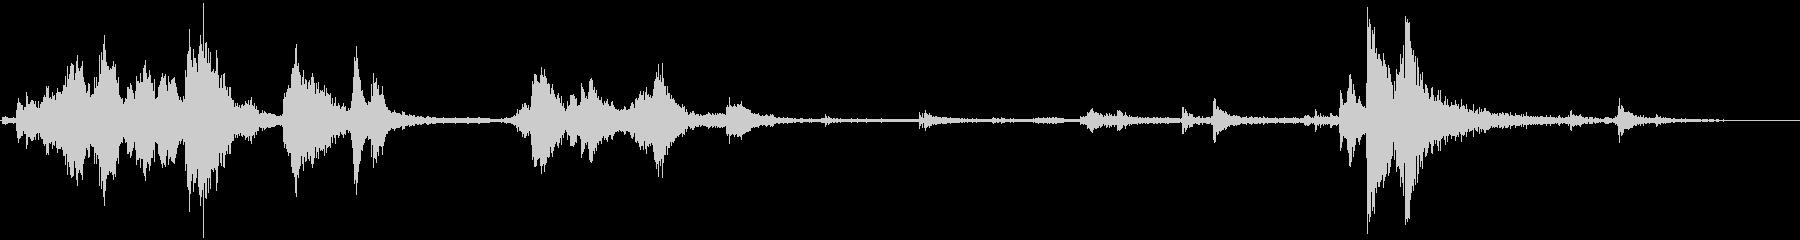 メタルセルドア:キージングル、ロッ...の未再生の波形